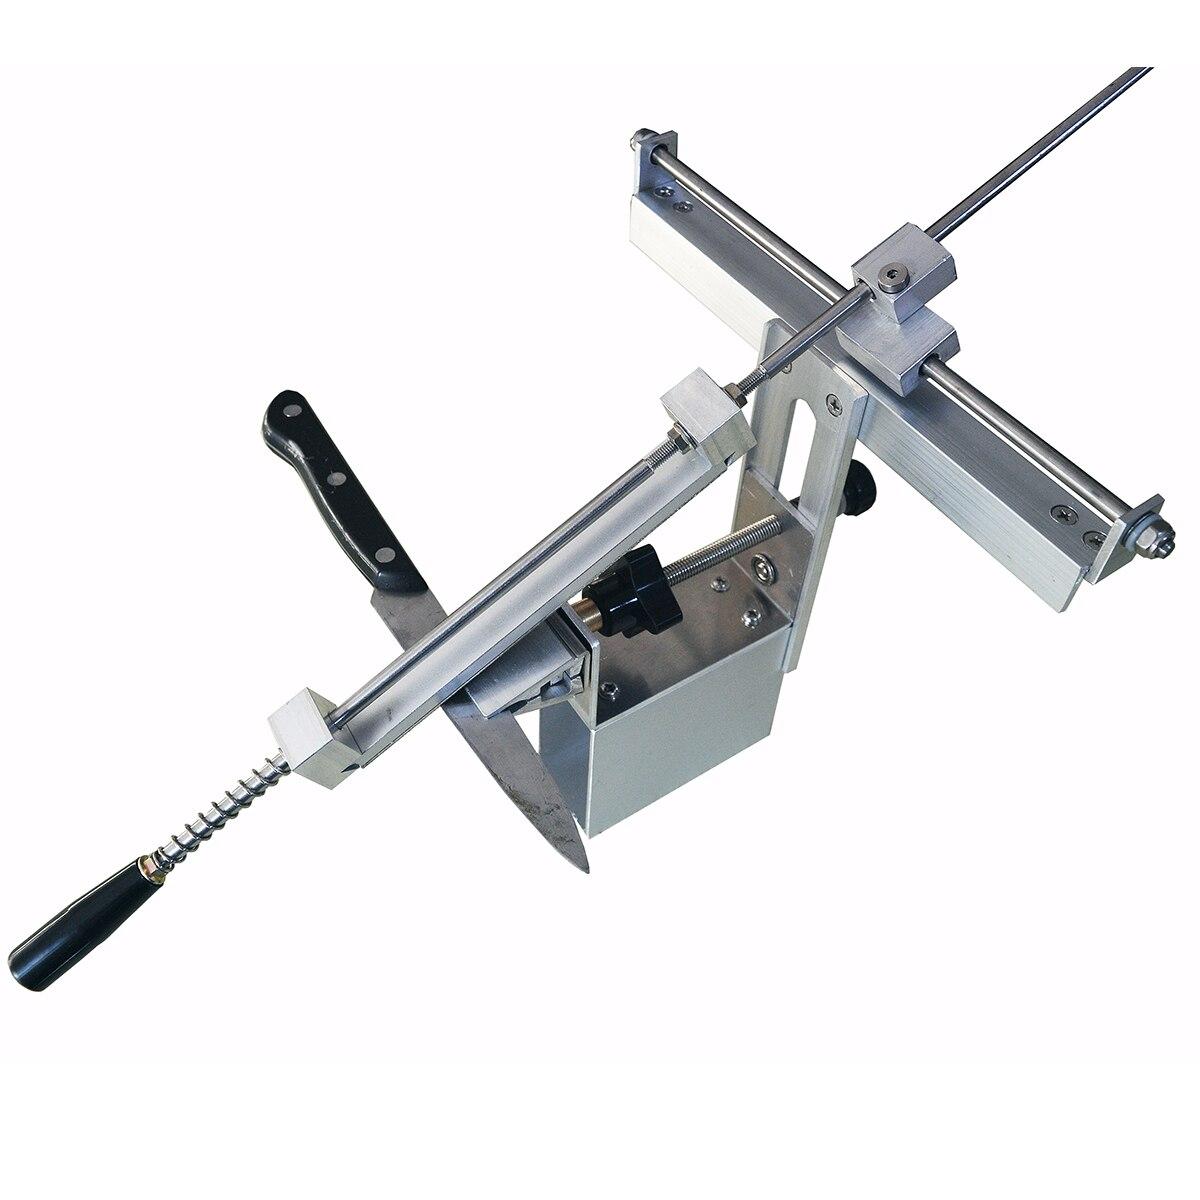 7 générations KME affûteuse de couteau système d'affûtage couteau Apex affûteuse de bord en alliage d'aluminium 360 degrés affûteuse de clip d'inversion